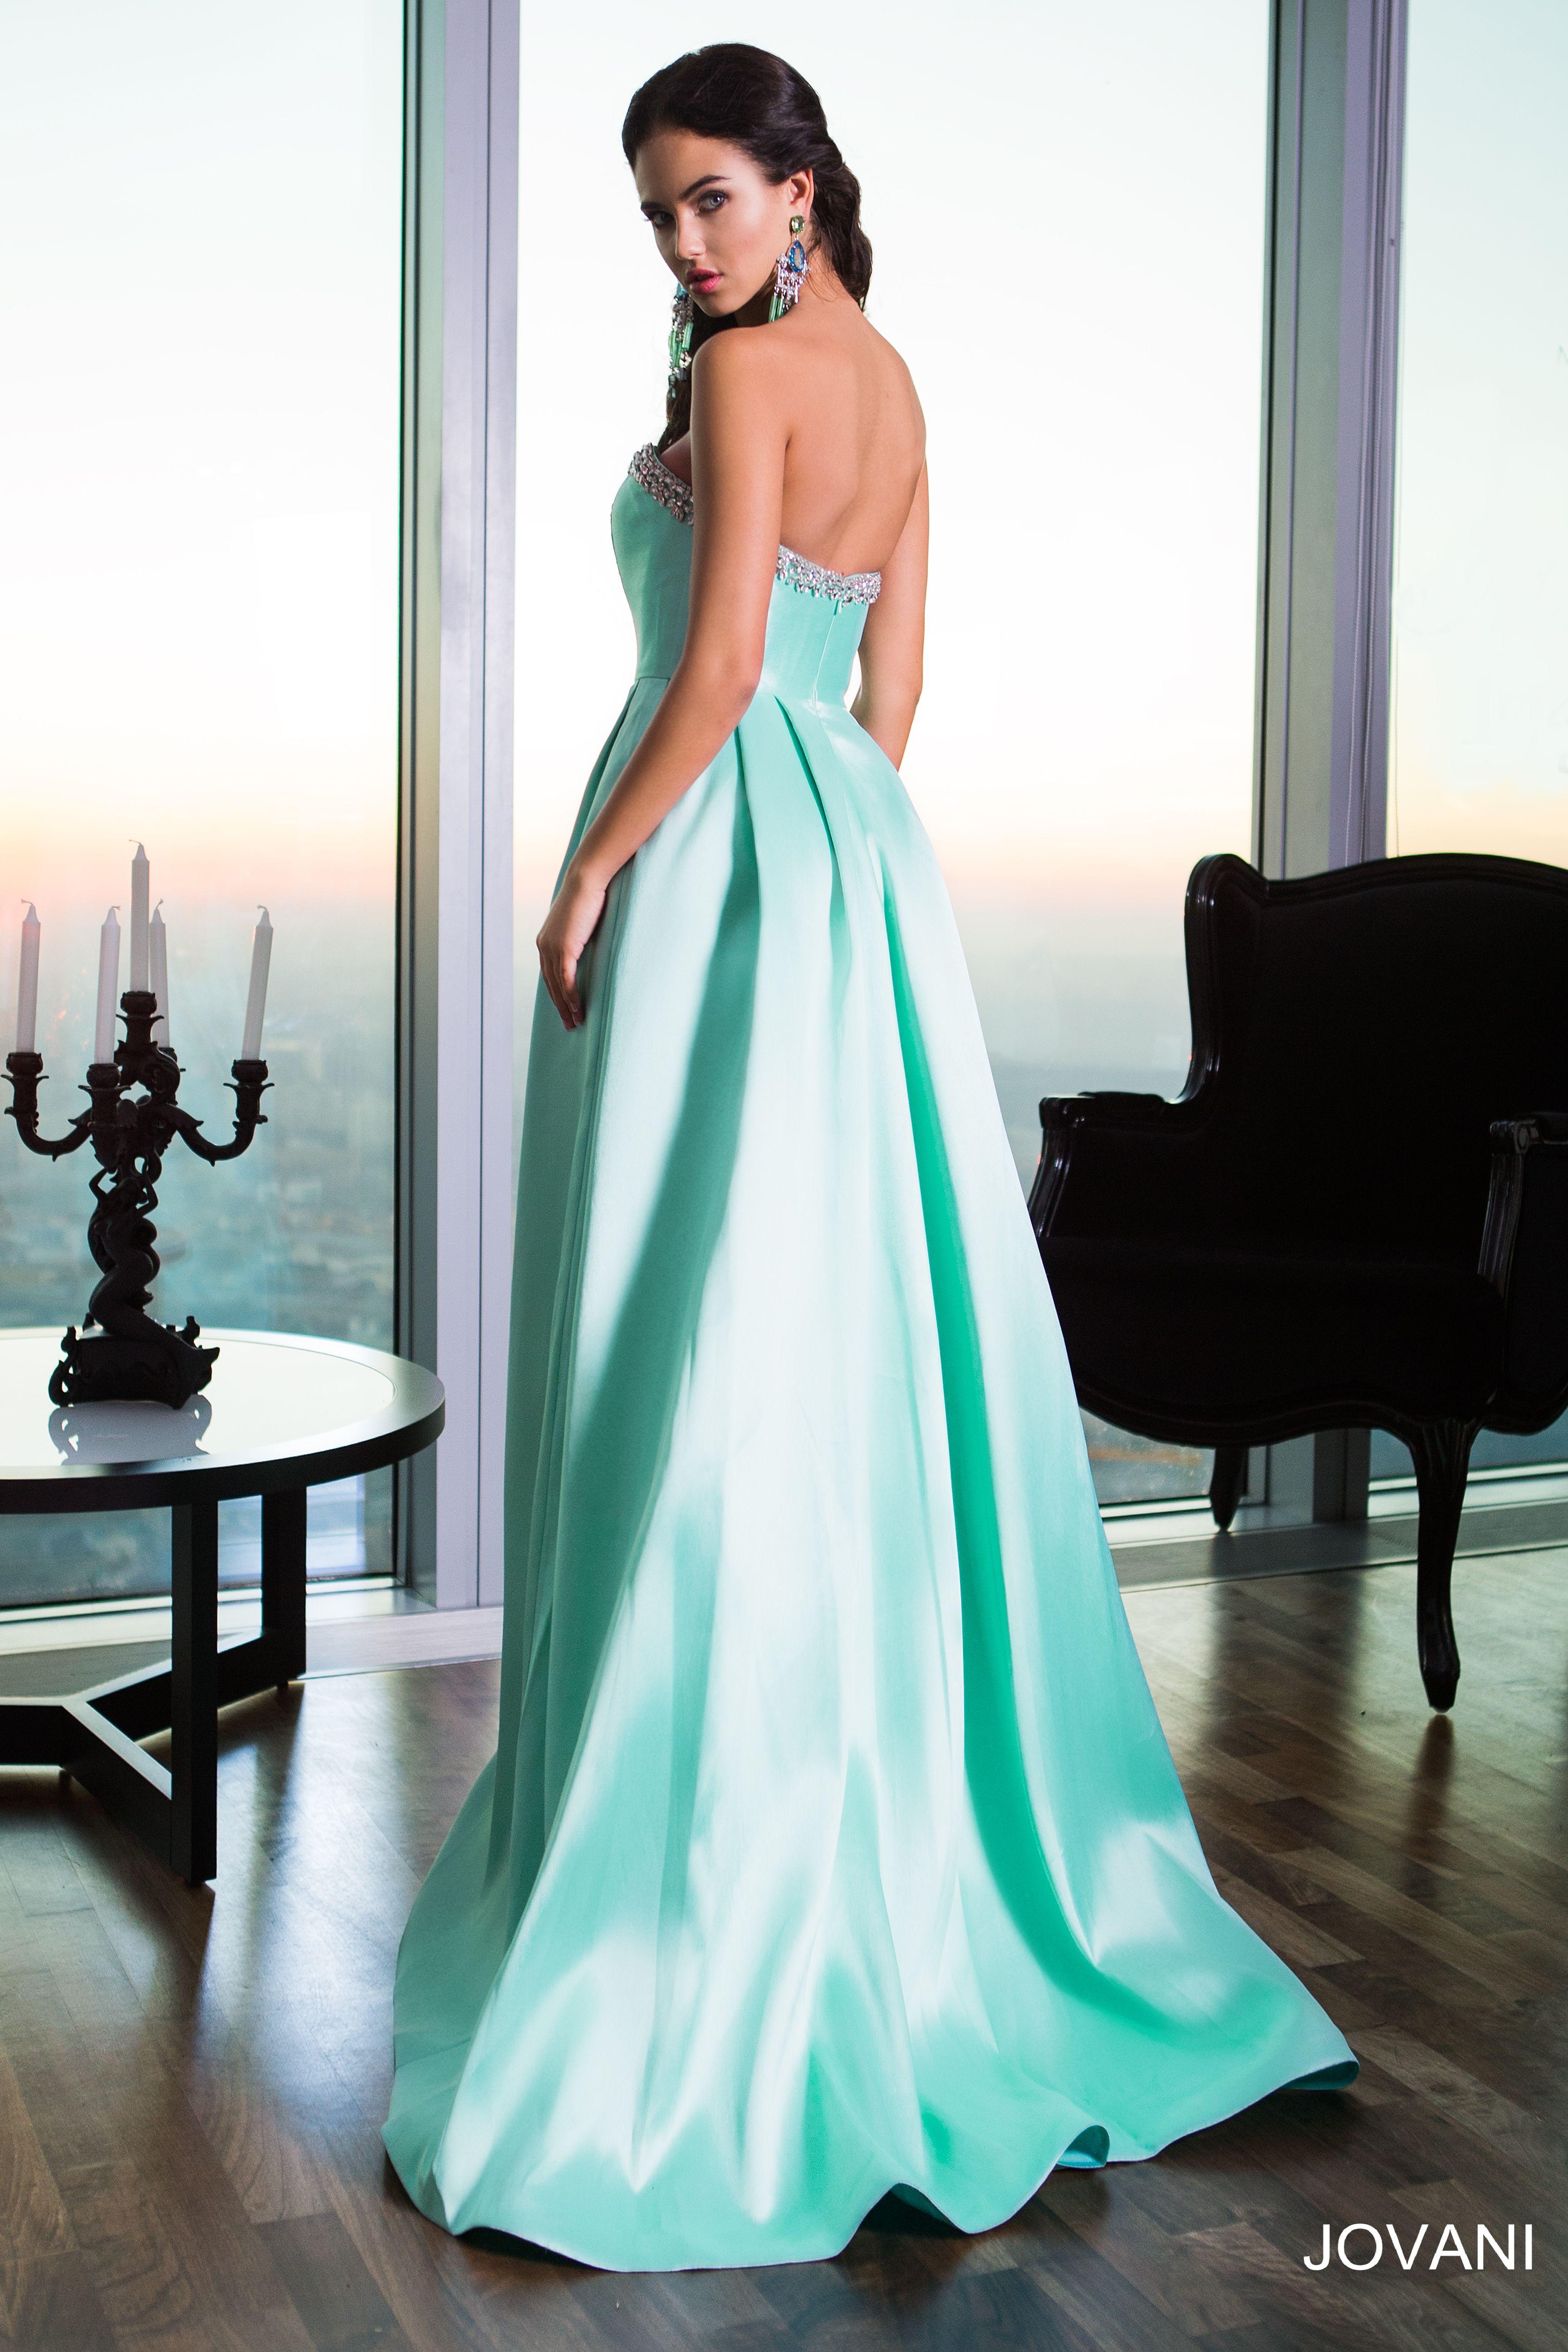 Vestidos exclusivos de la marca Jovani, sólo en Bella Gala ...